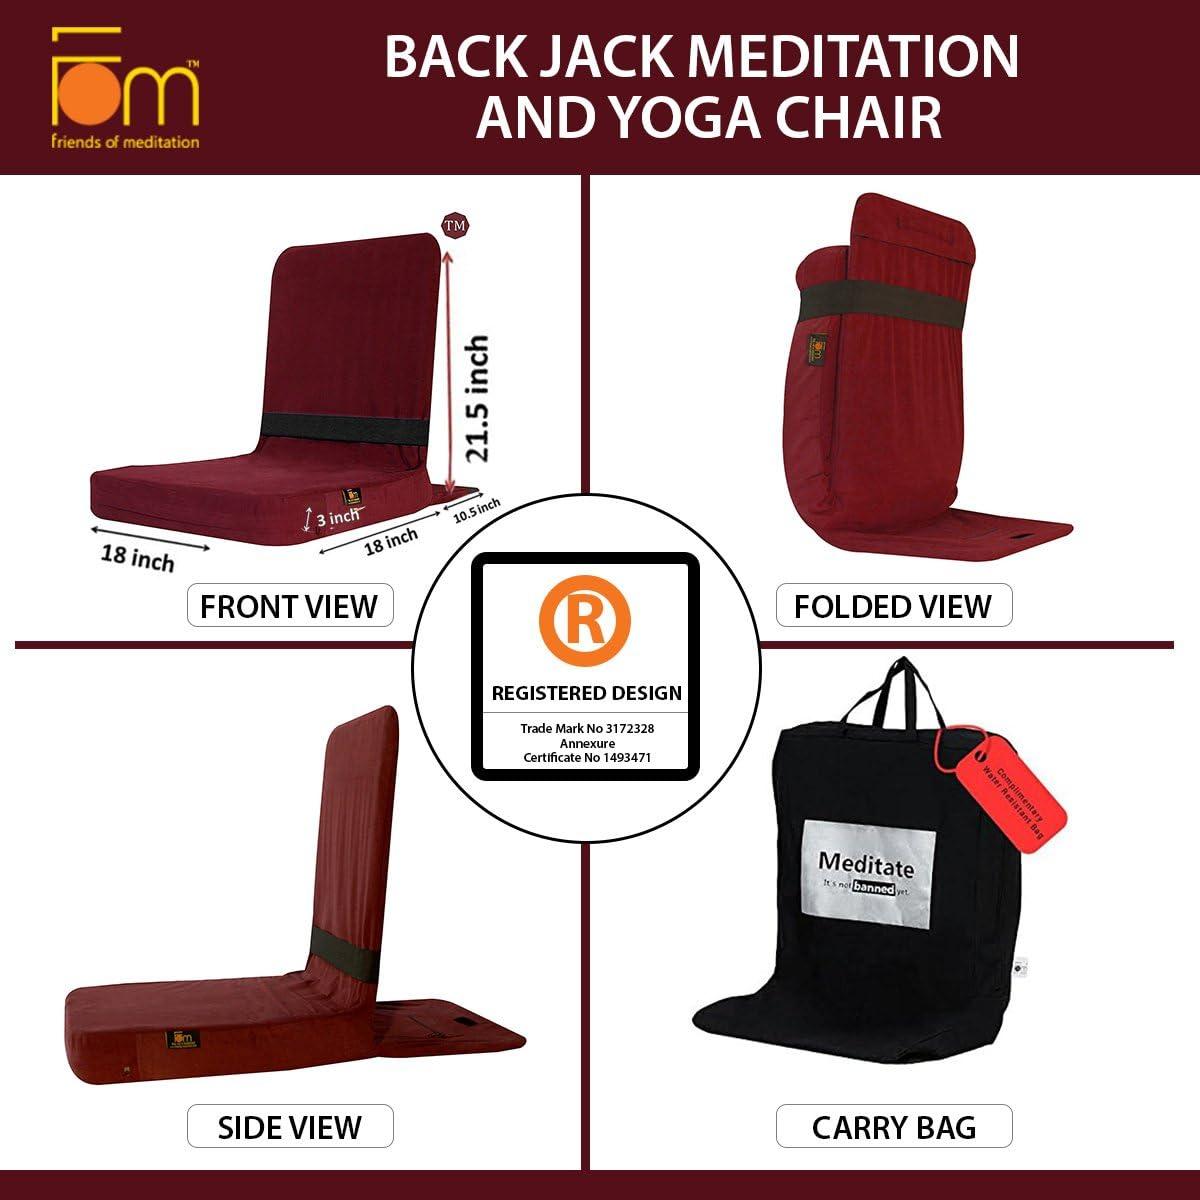 Friends of Meditation Eseguire Il Jack Meditazione e Yoga Chair FOM